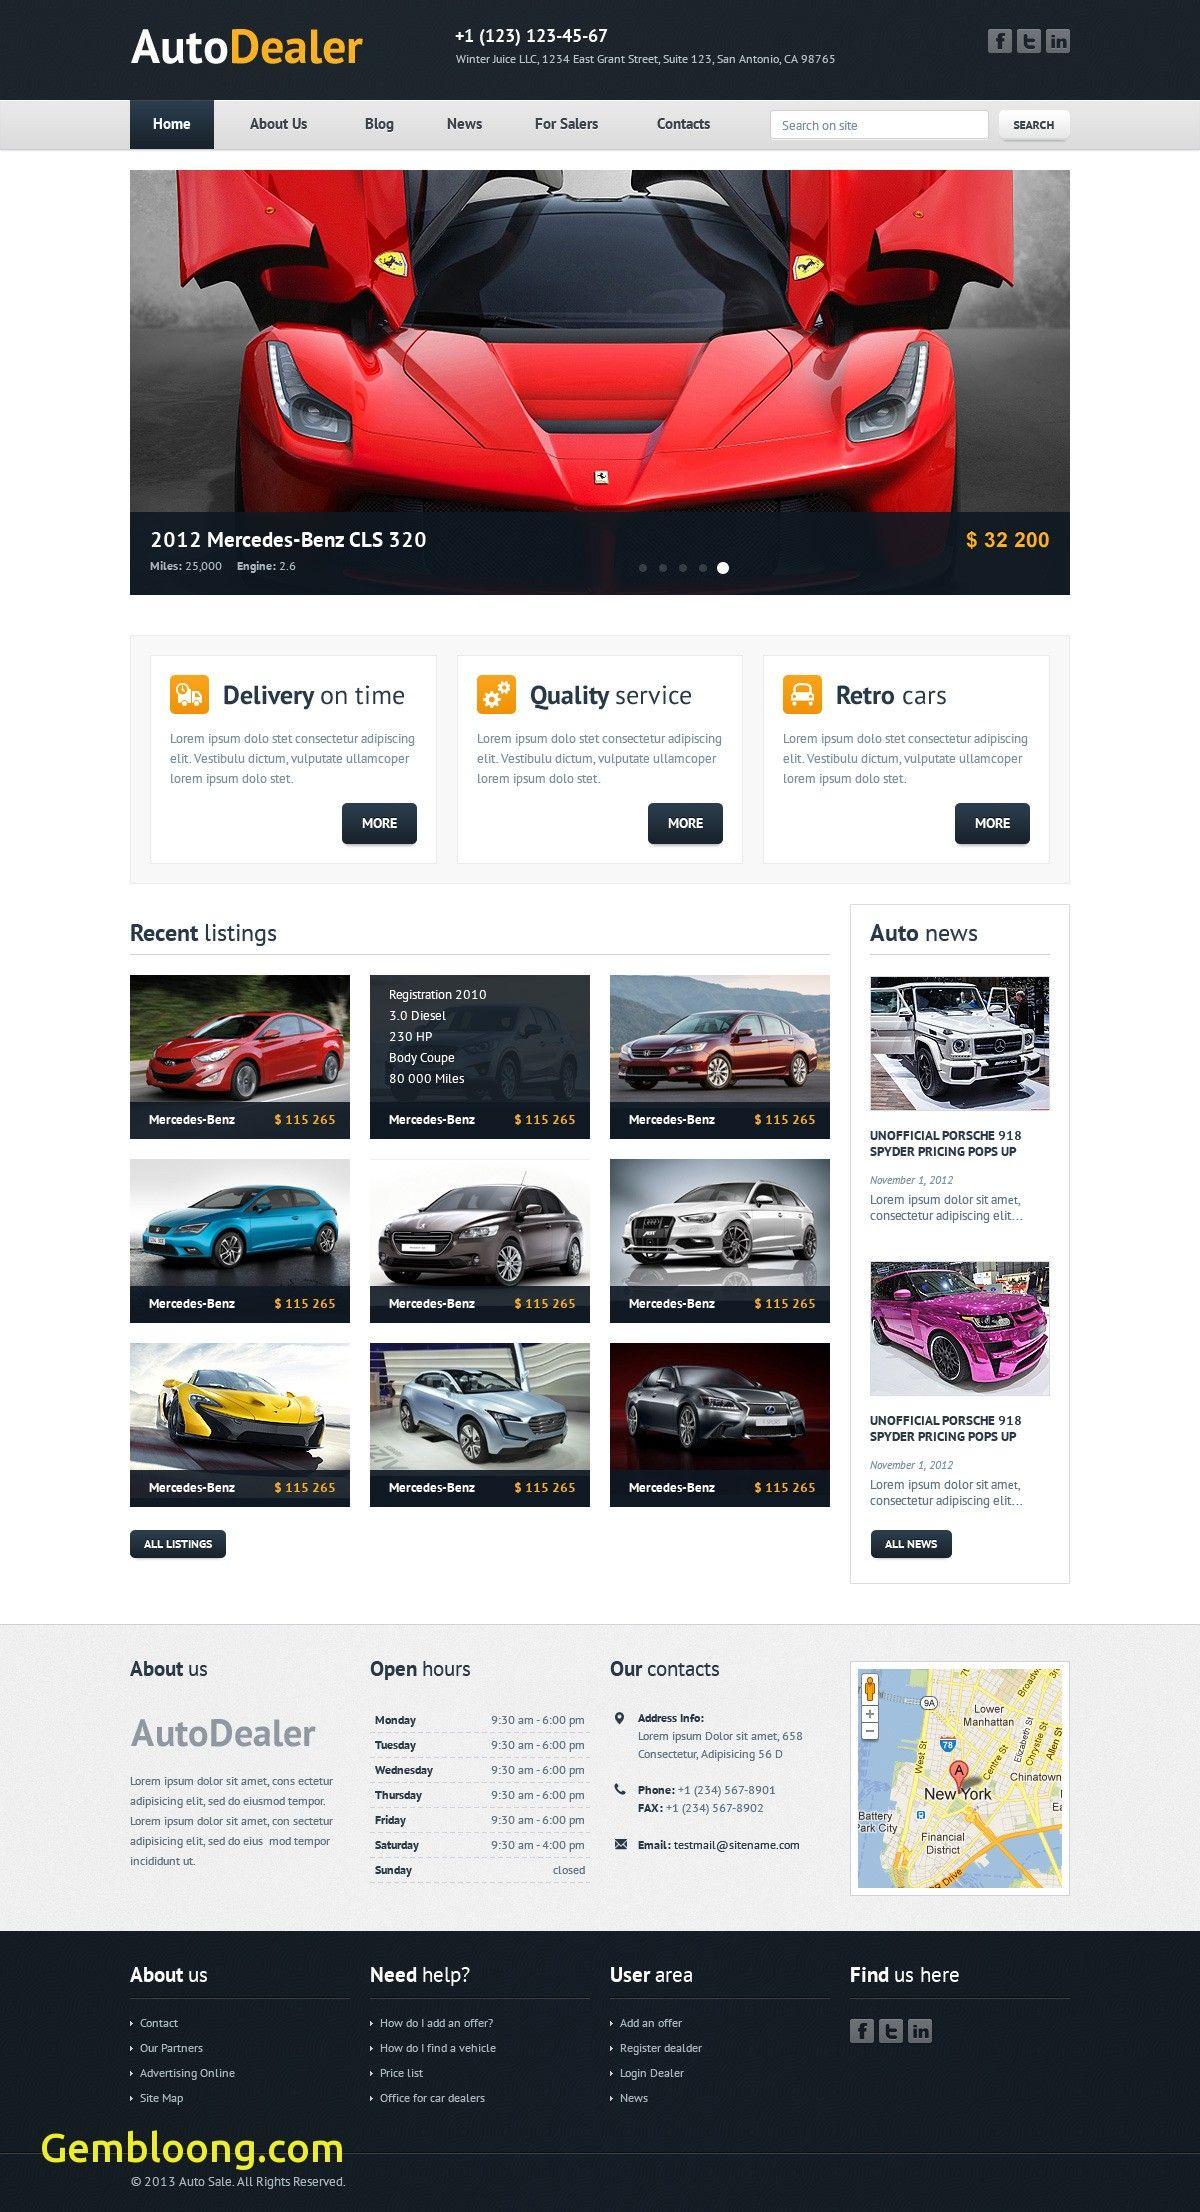 auto occasion sites